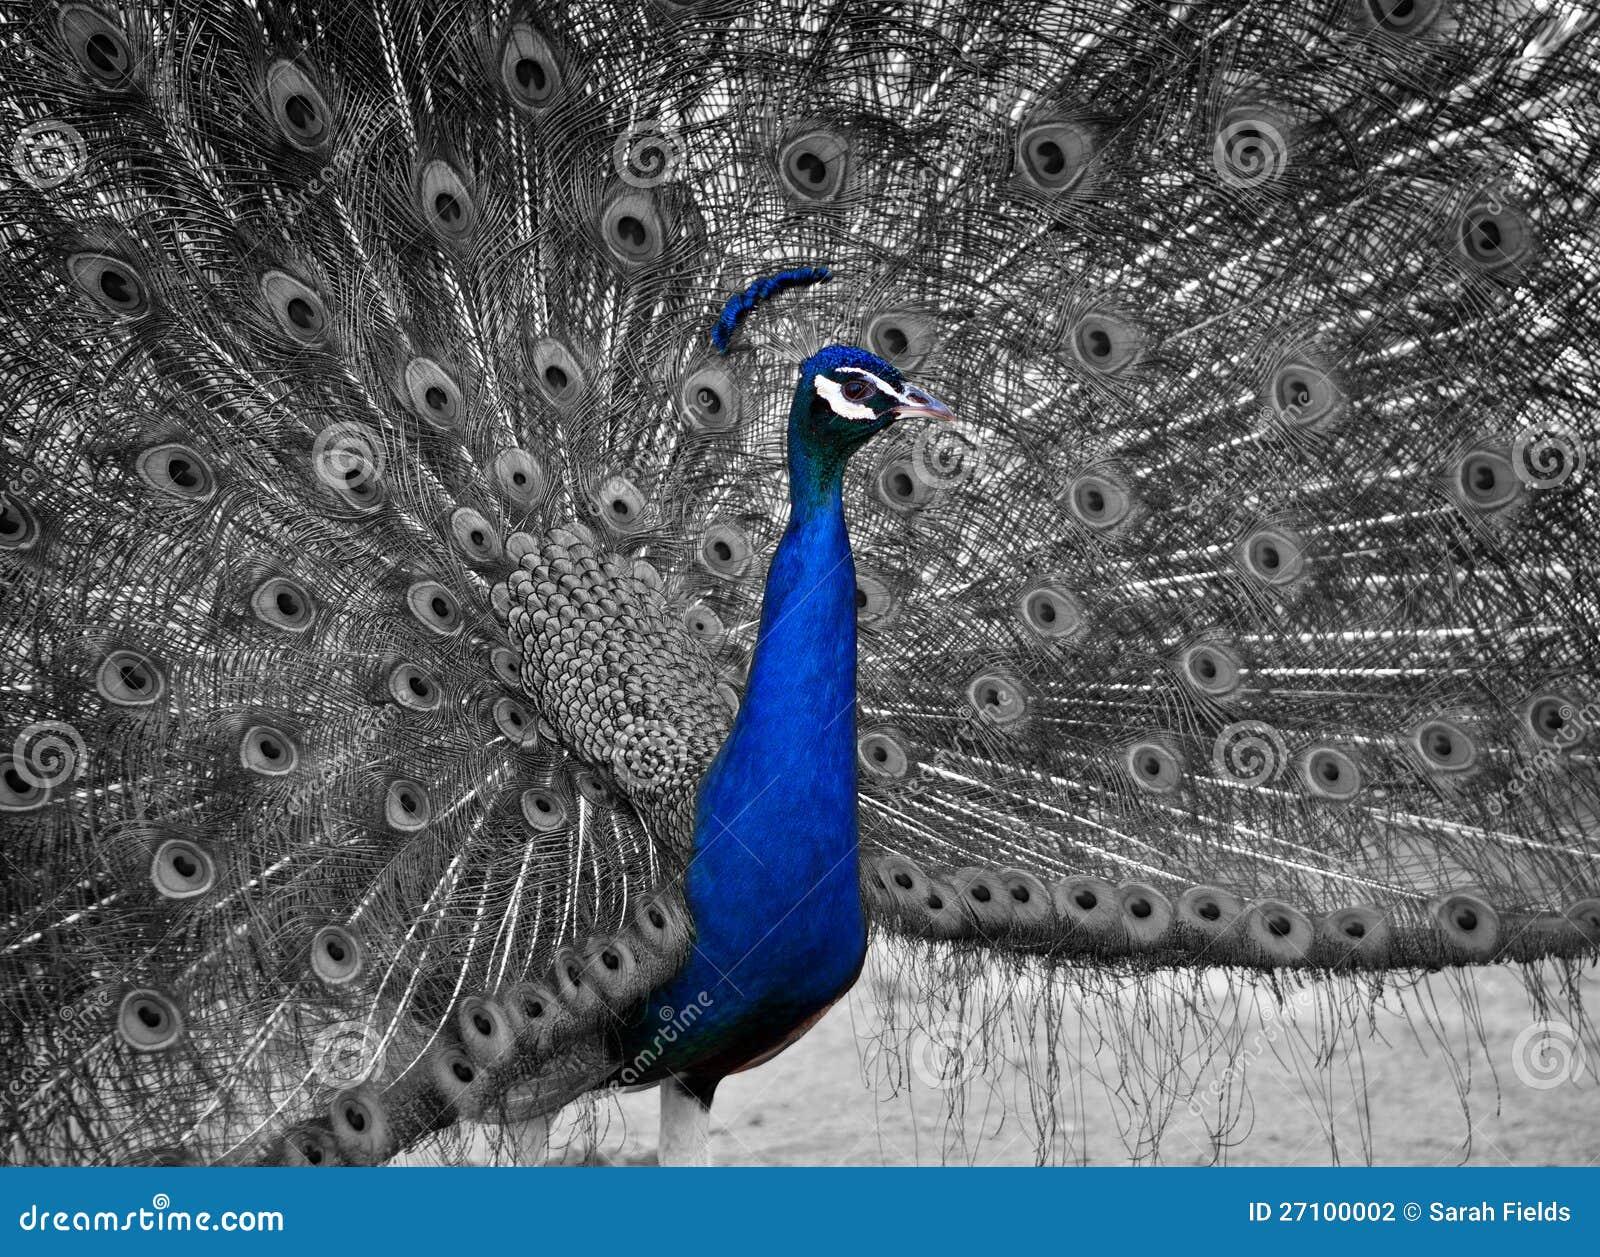 Un beau paon mâle affiche son plumage